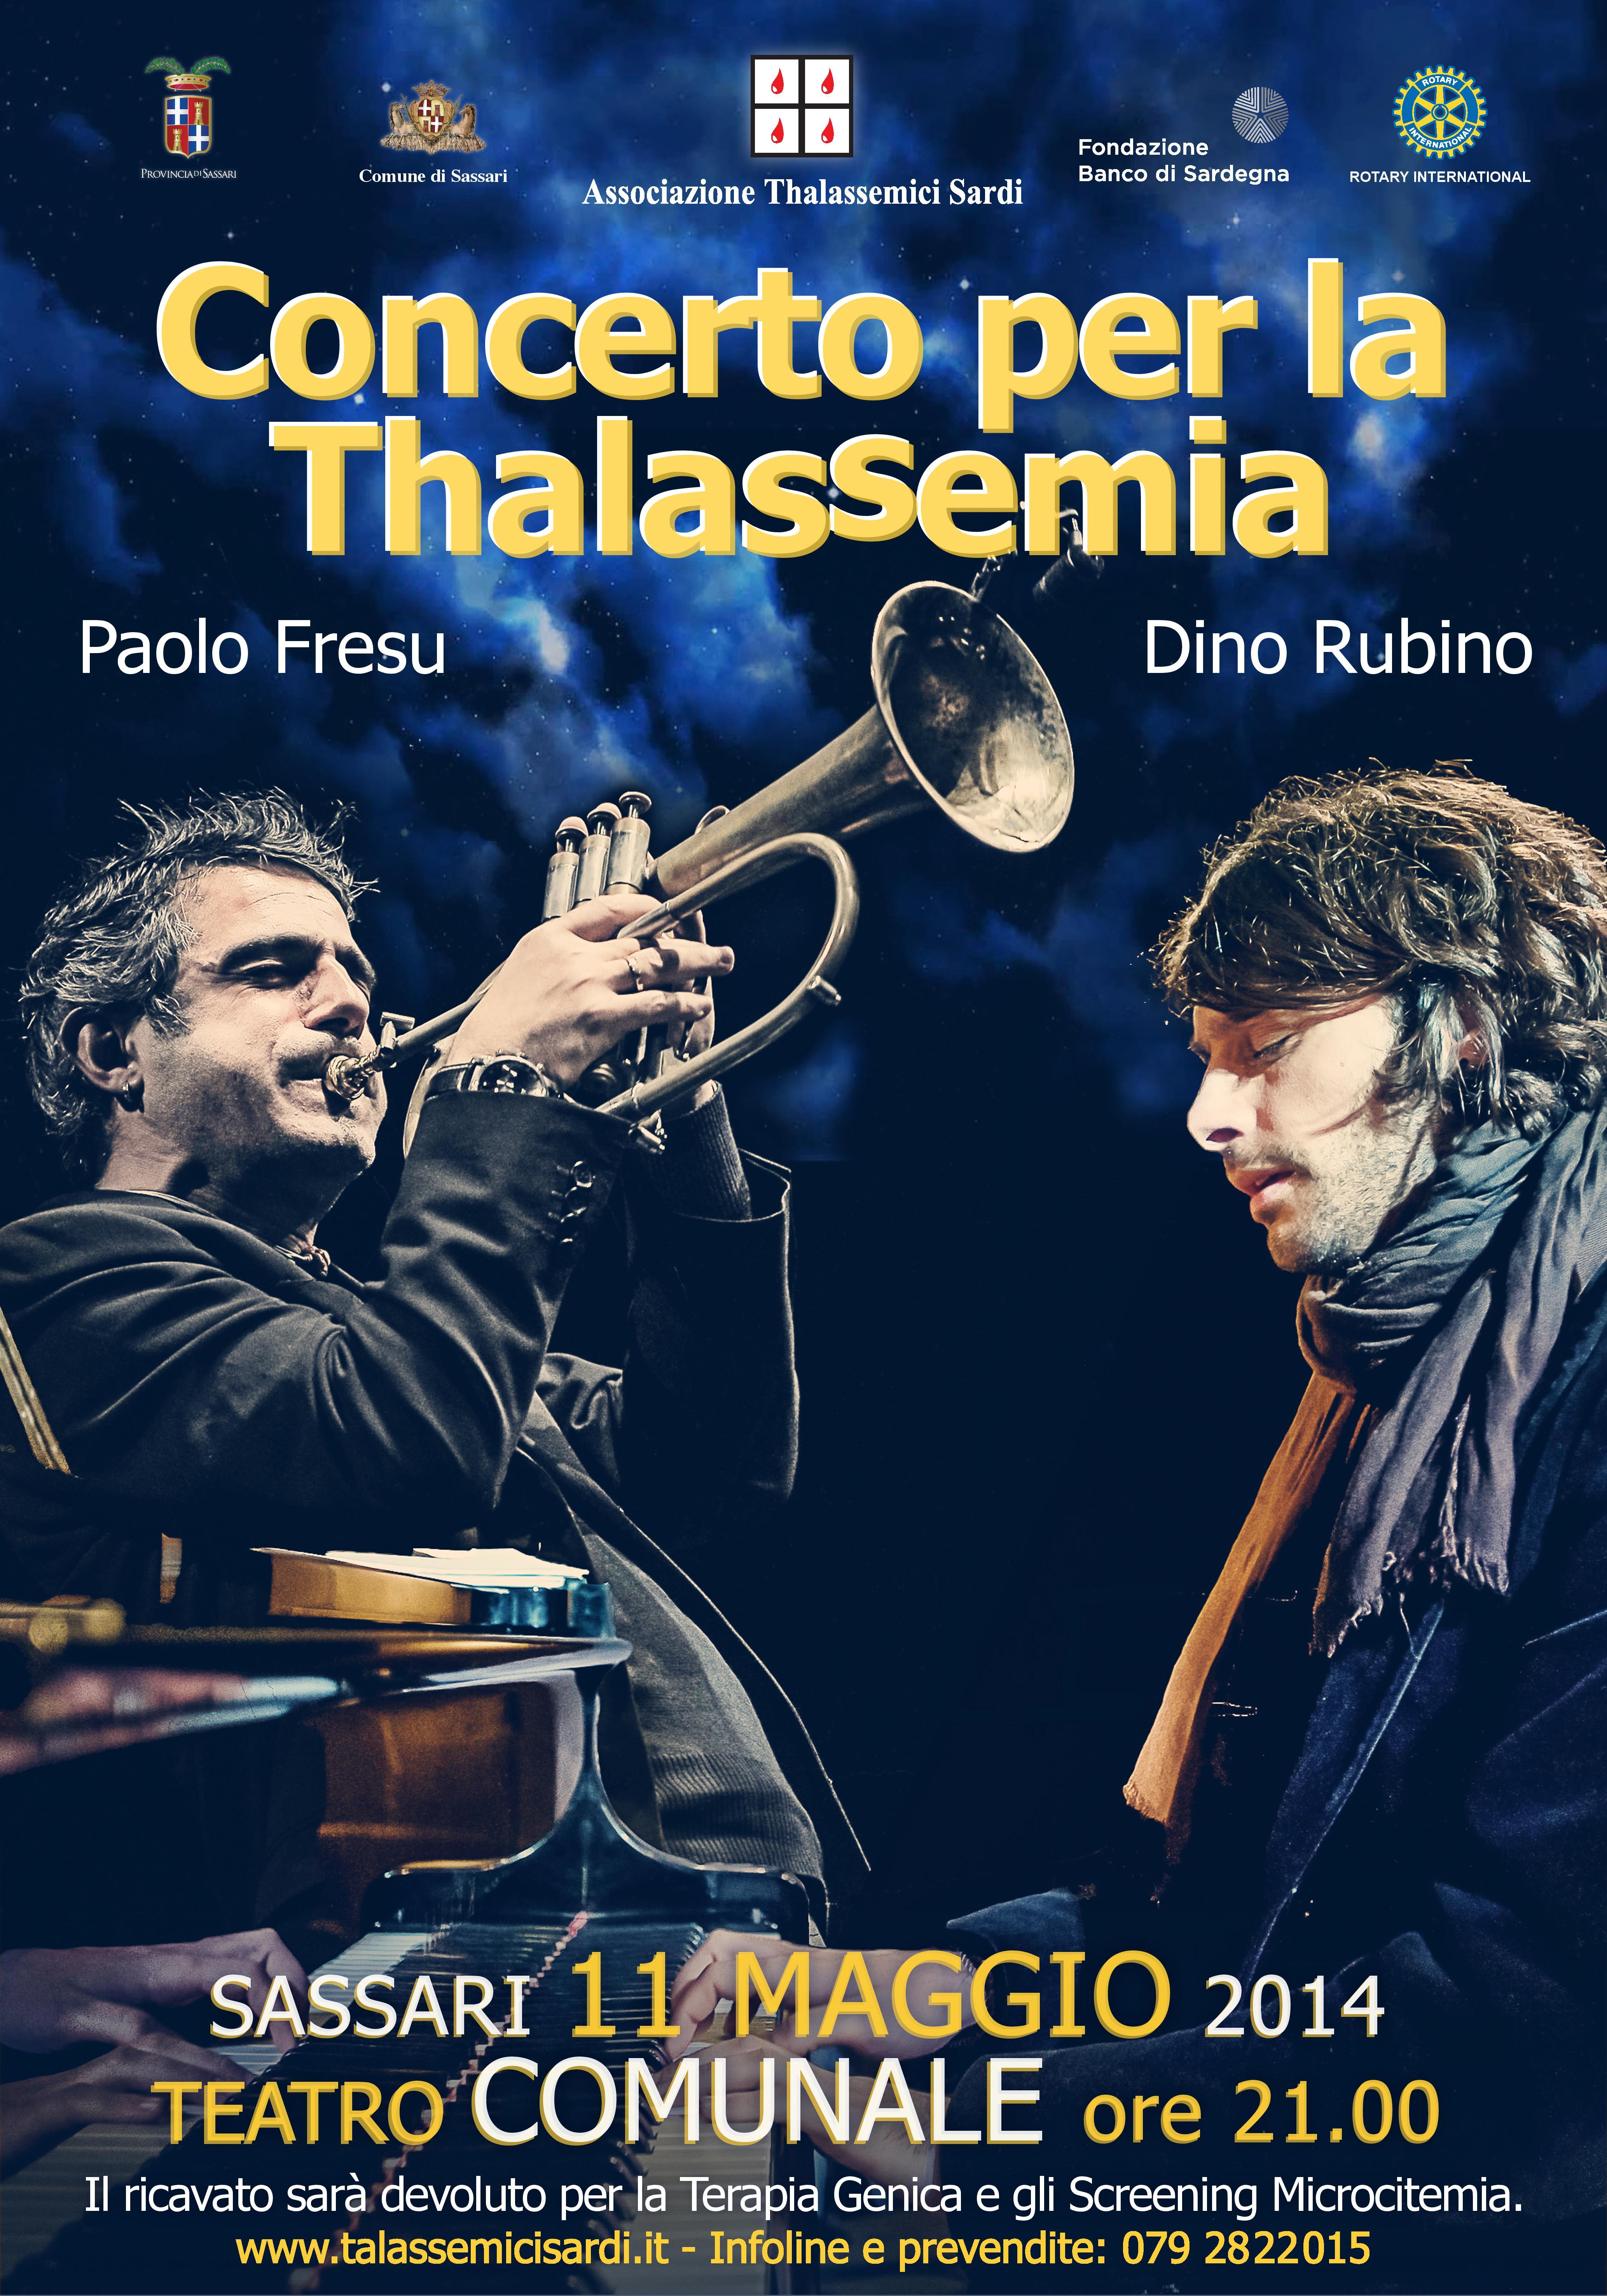 Concerto 11 maggio 2014 Sassari con Paolo Fresu raccolta per la ricerca contro la thalassemia